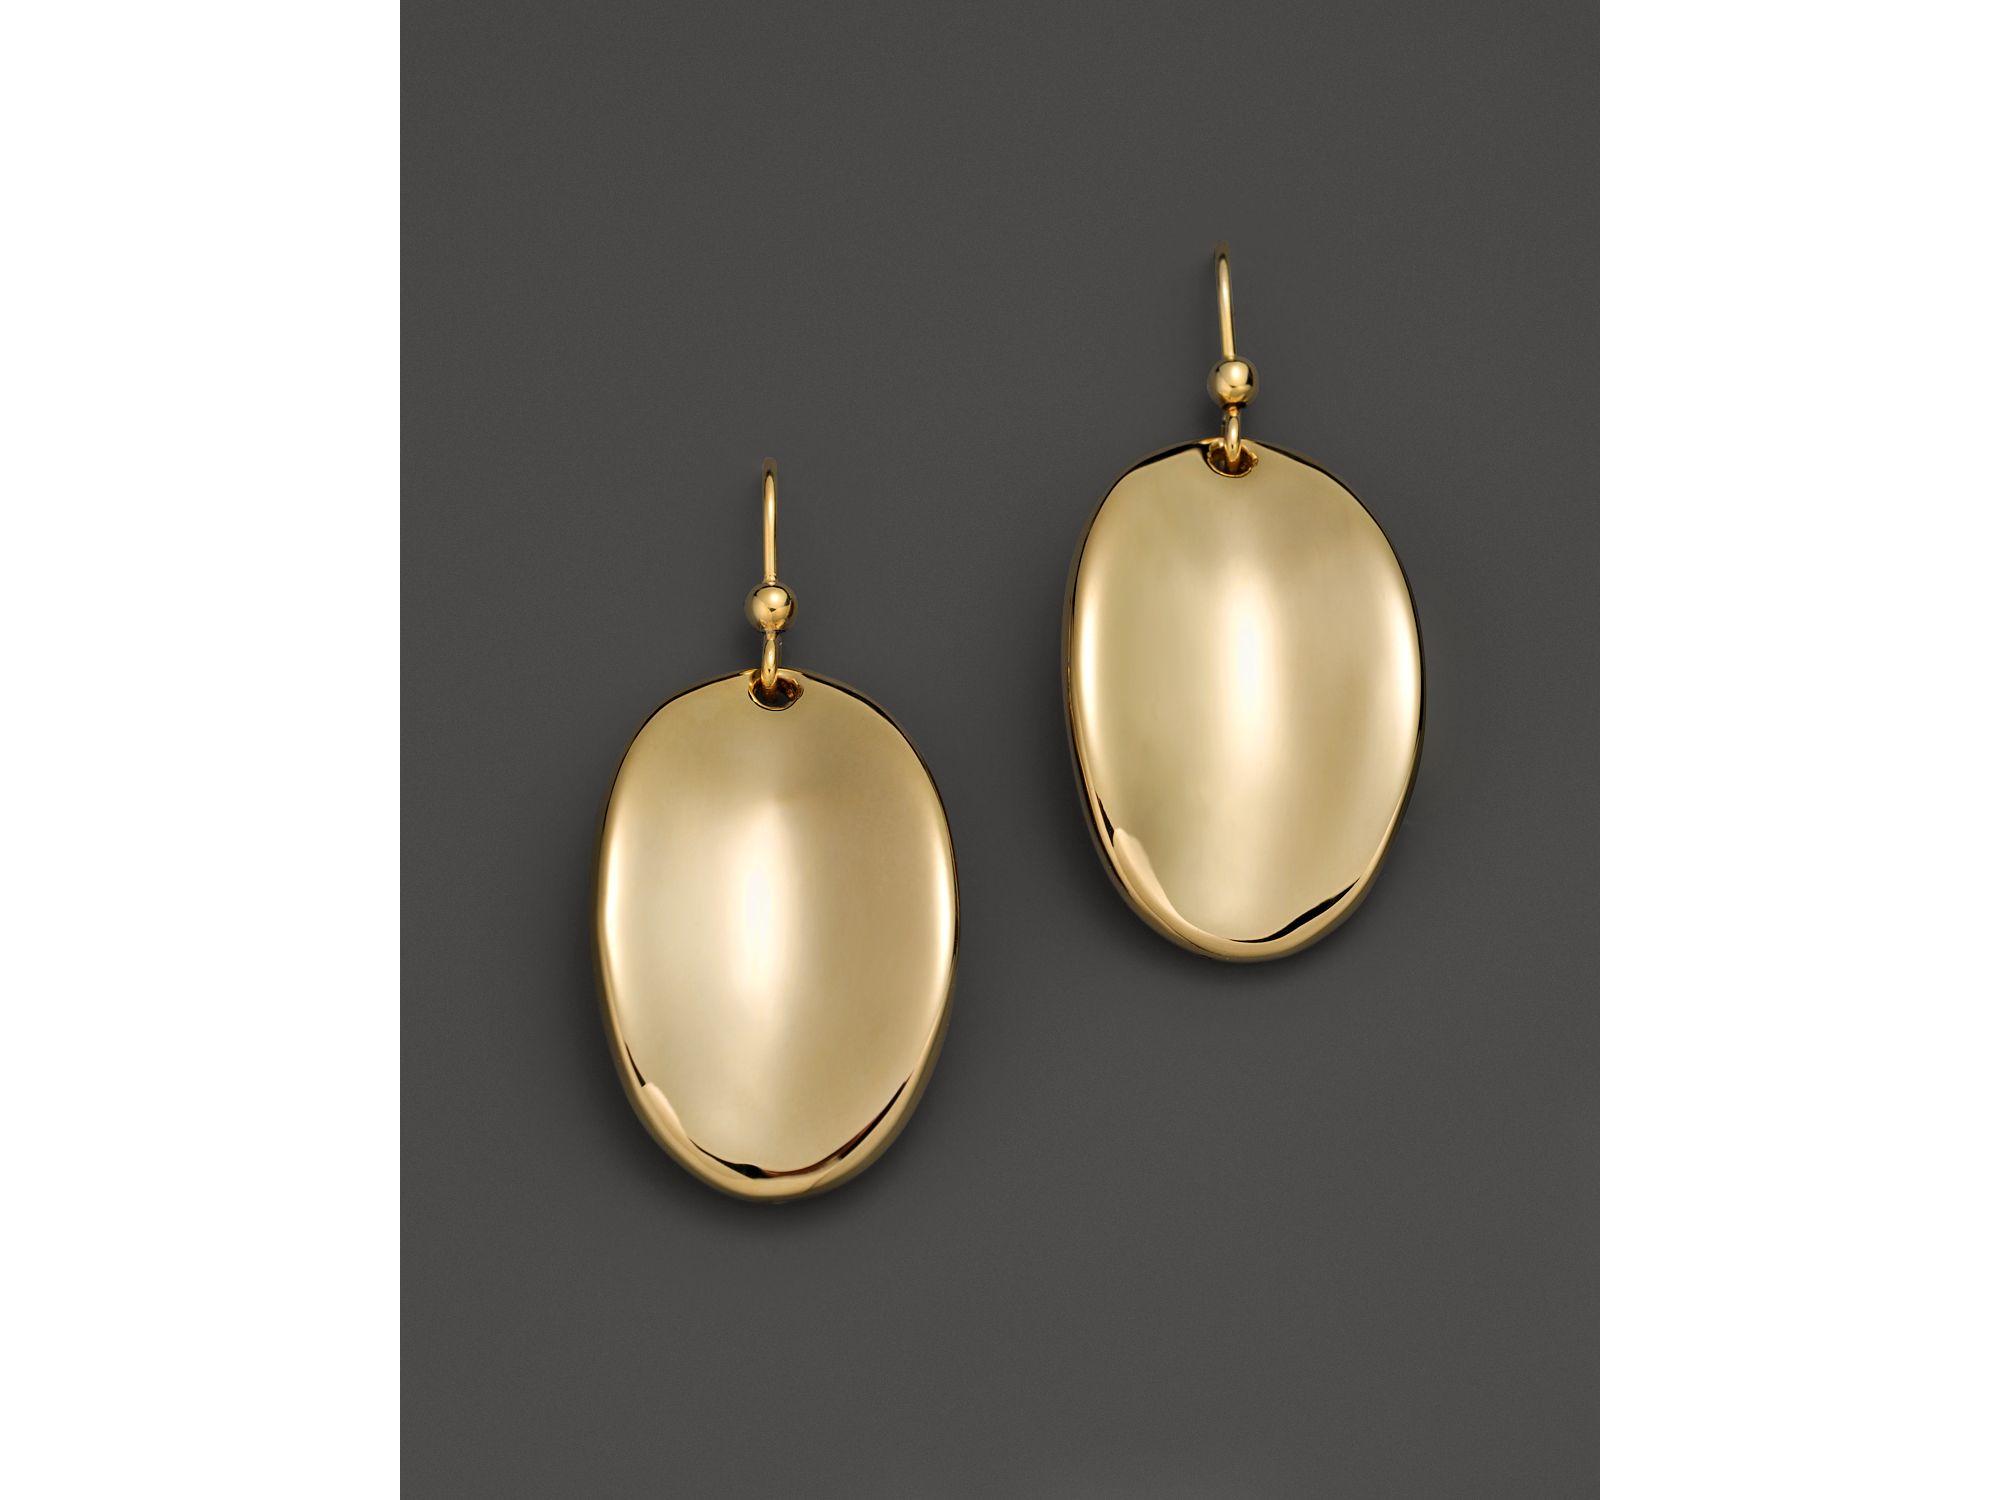 e8ed25e2f Roberto coin oval earrings / Ecobit token hack 6.0.1